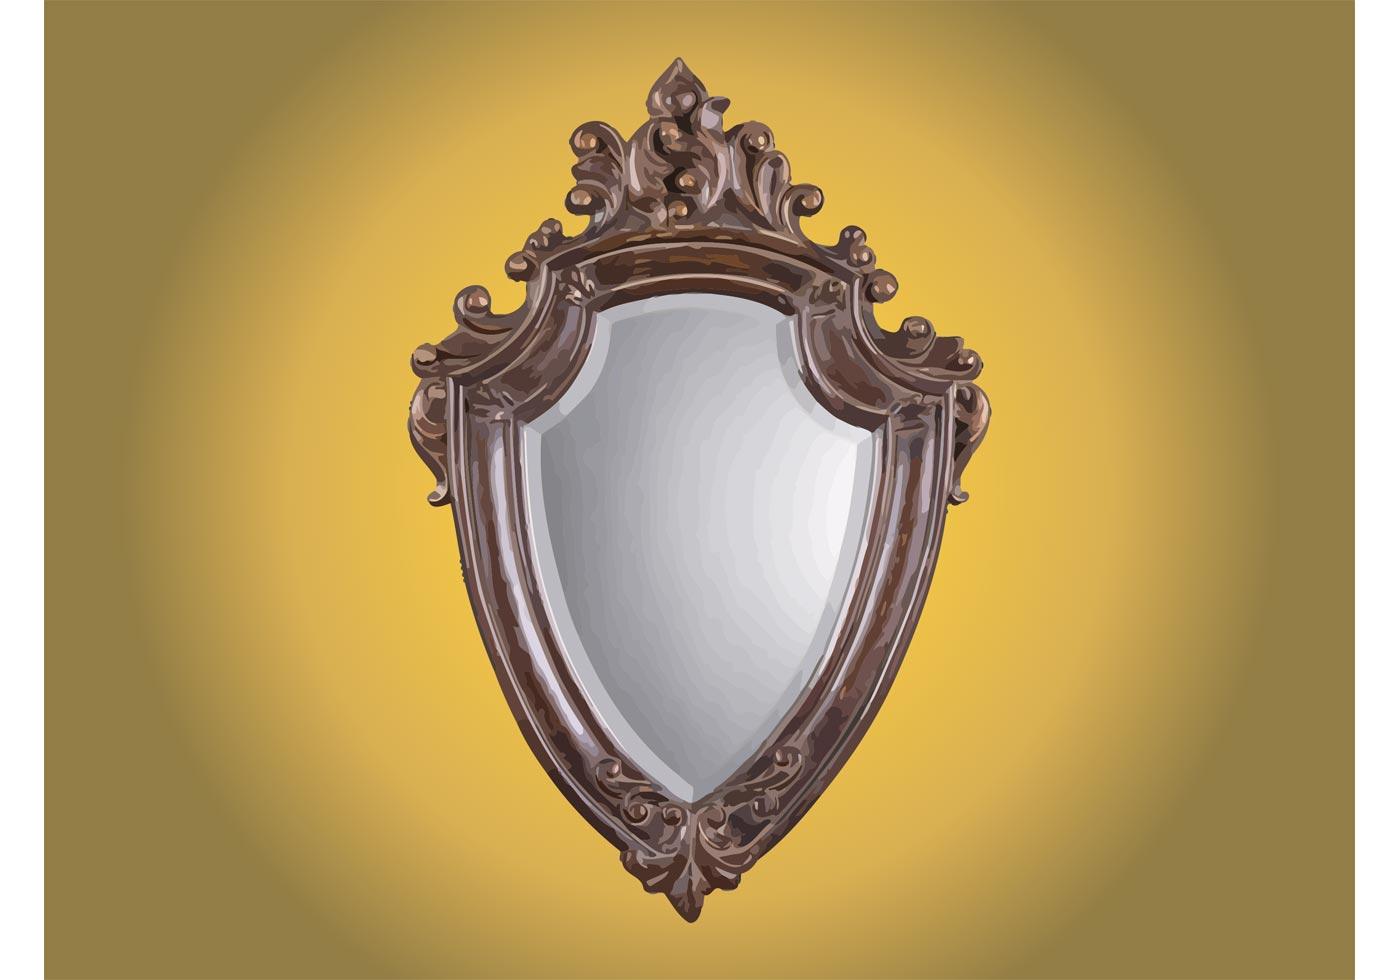 Gratis Espejo Antiguo Arte Vector - (2913 Descargas Gratis)